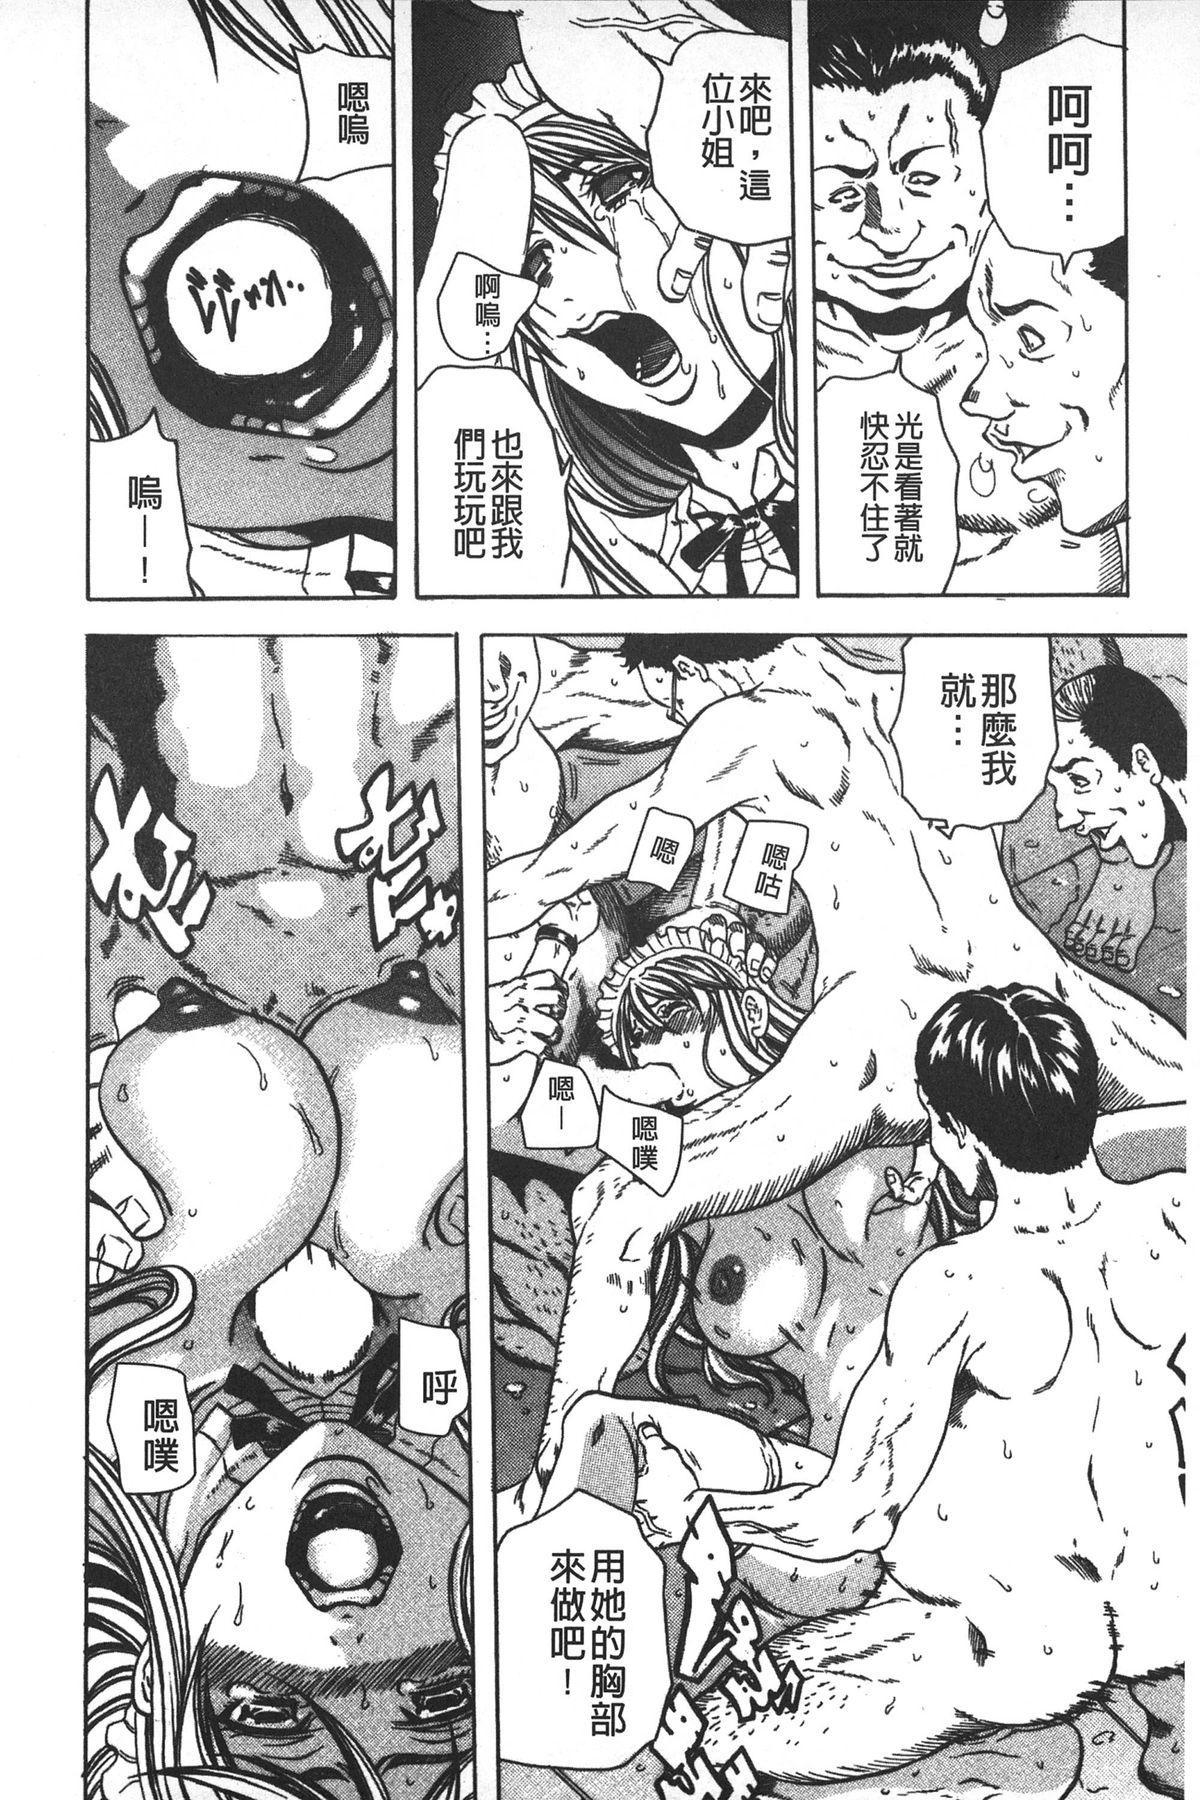 Ryoujoku Kyoushitsu 140